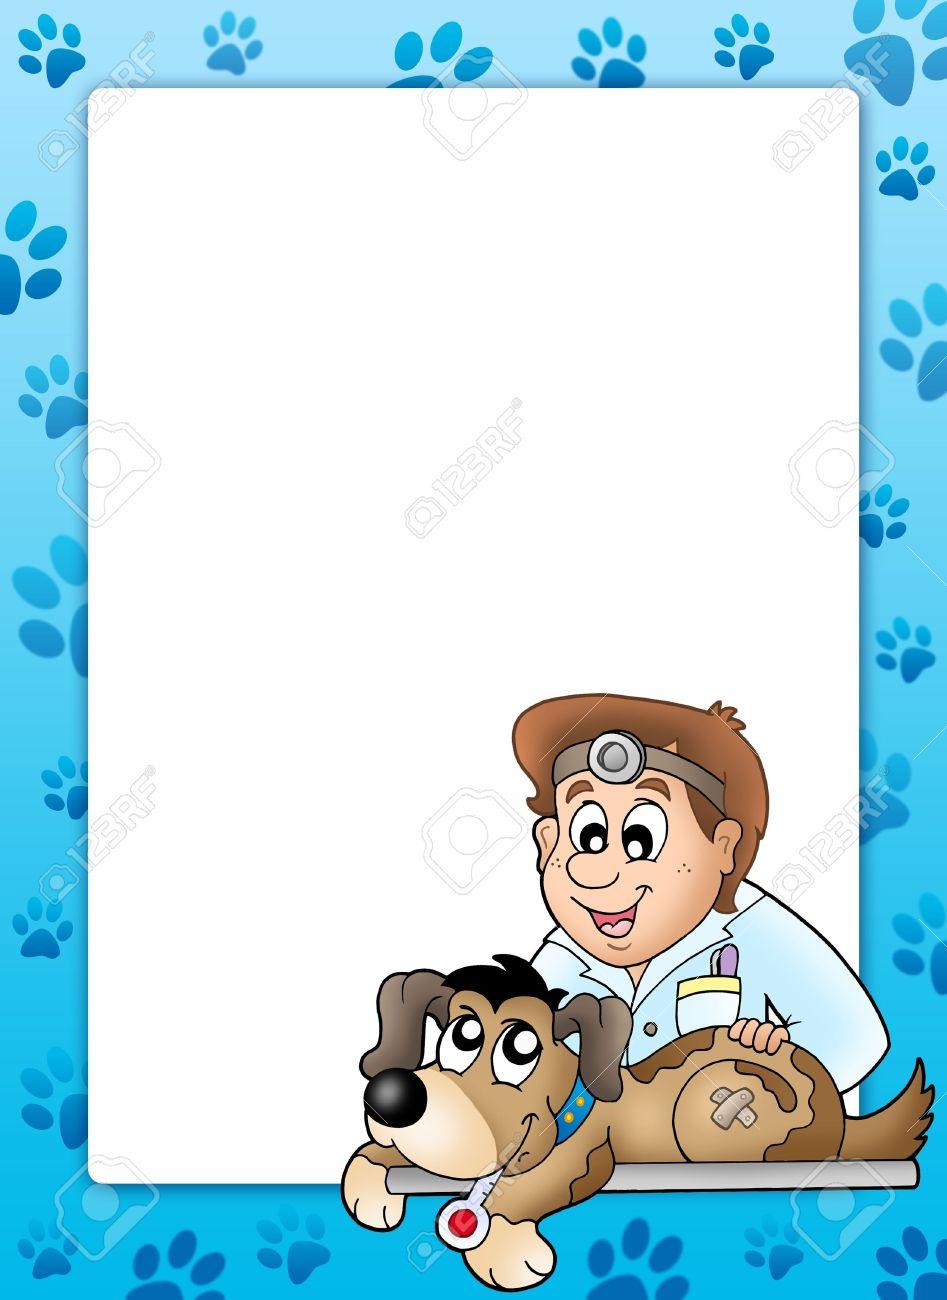 Marco Con El Perro En El Veterinario - Ilustración De Color. Fotos ...